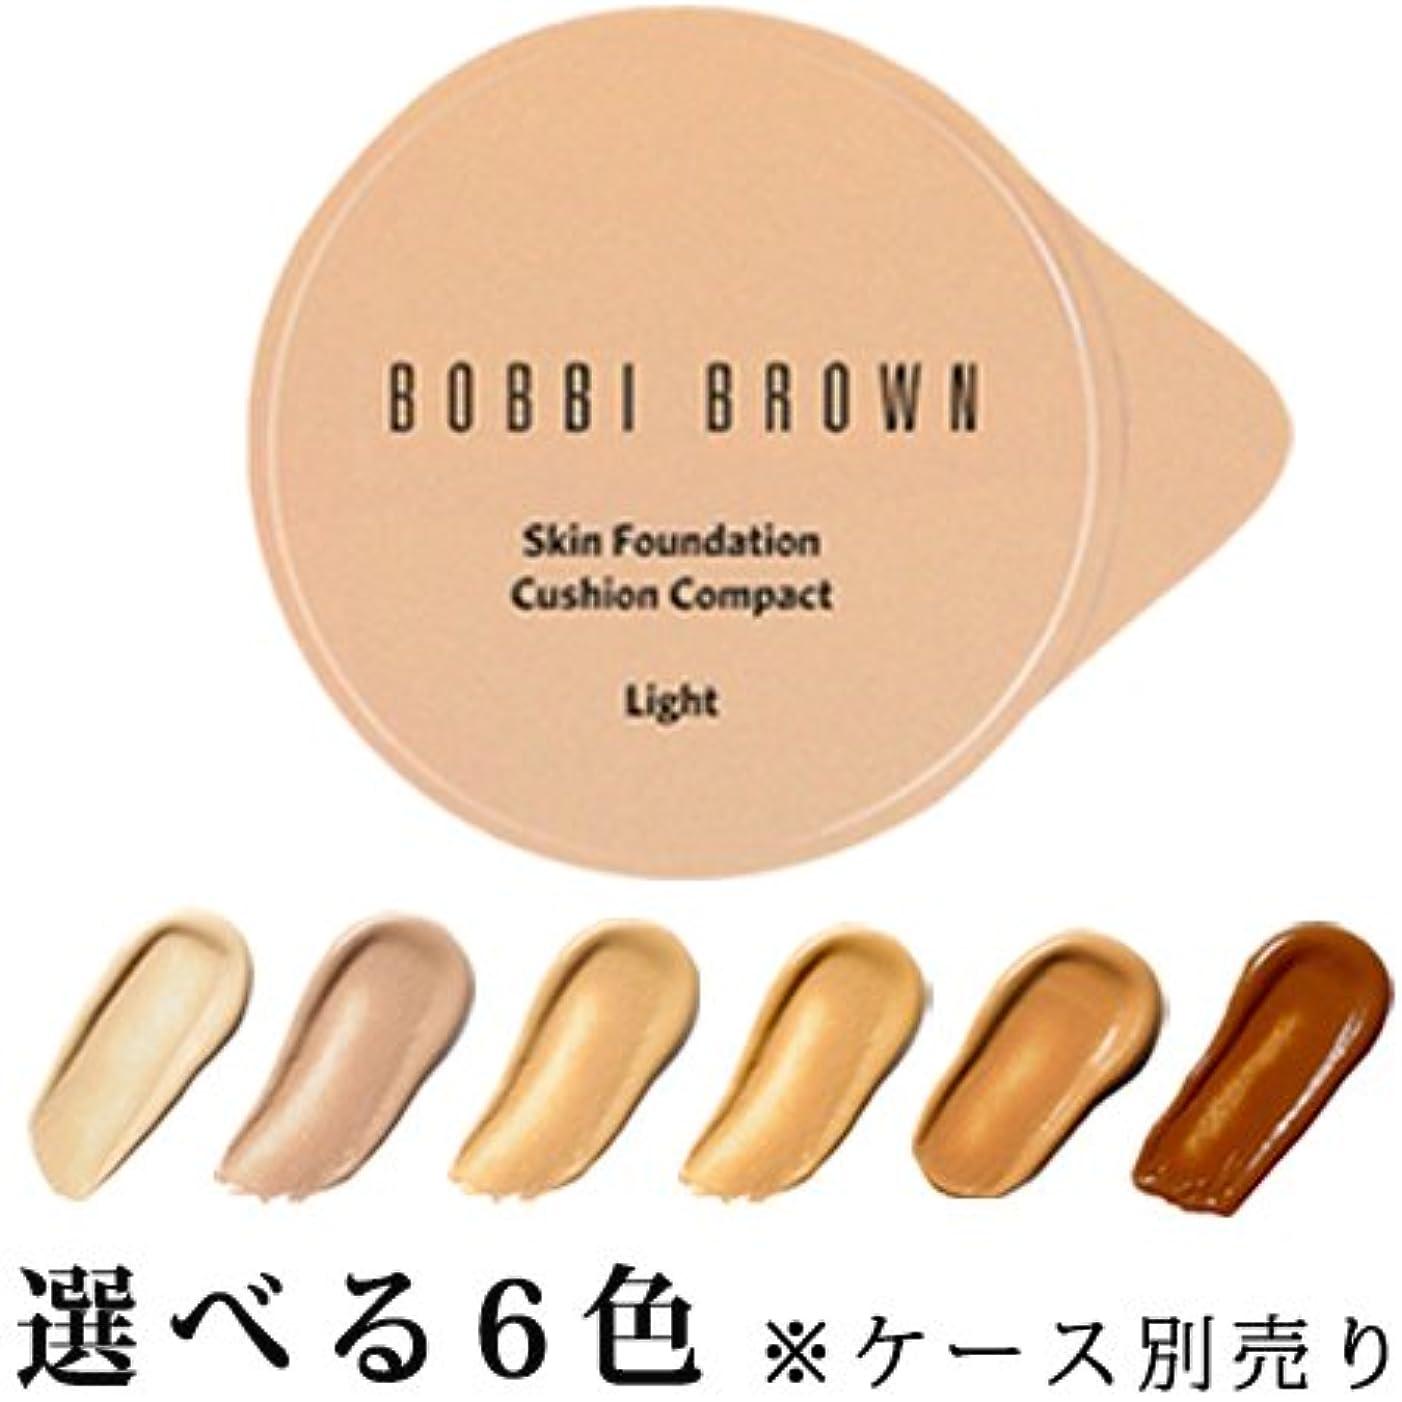 麻酔薬ミトンフリルボビイブラウン スキン ファンデーション クッション コンパクト SPF 50 (PA+++) レフィル(スポンジ付)6色展開 -BOBBI BROWN- ミディアム